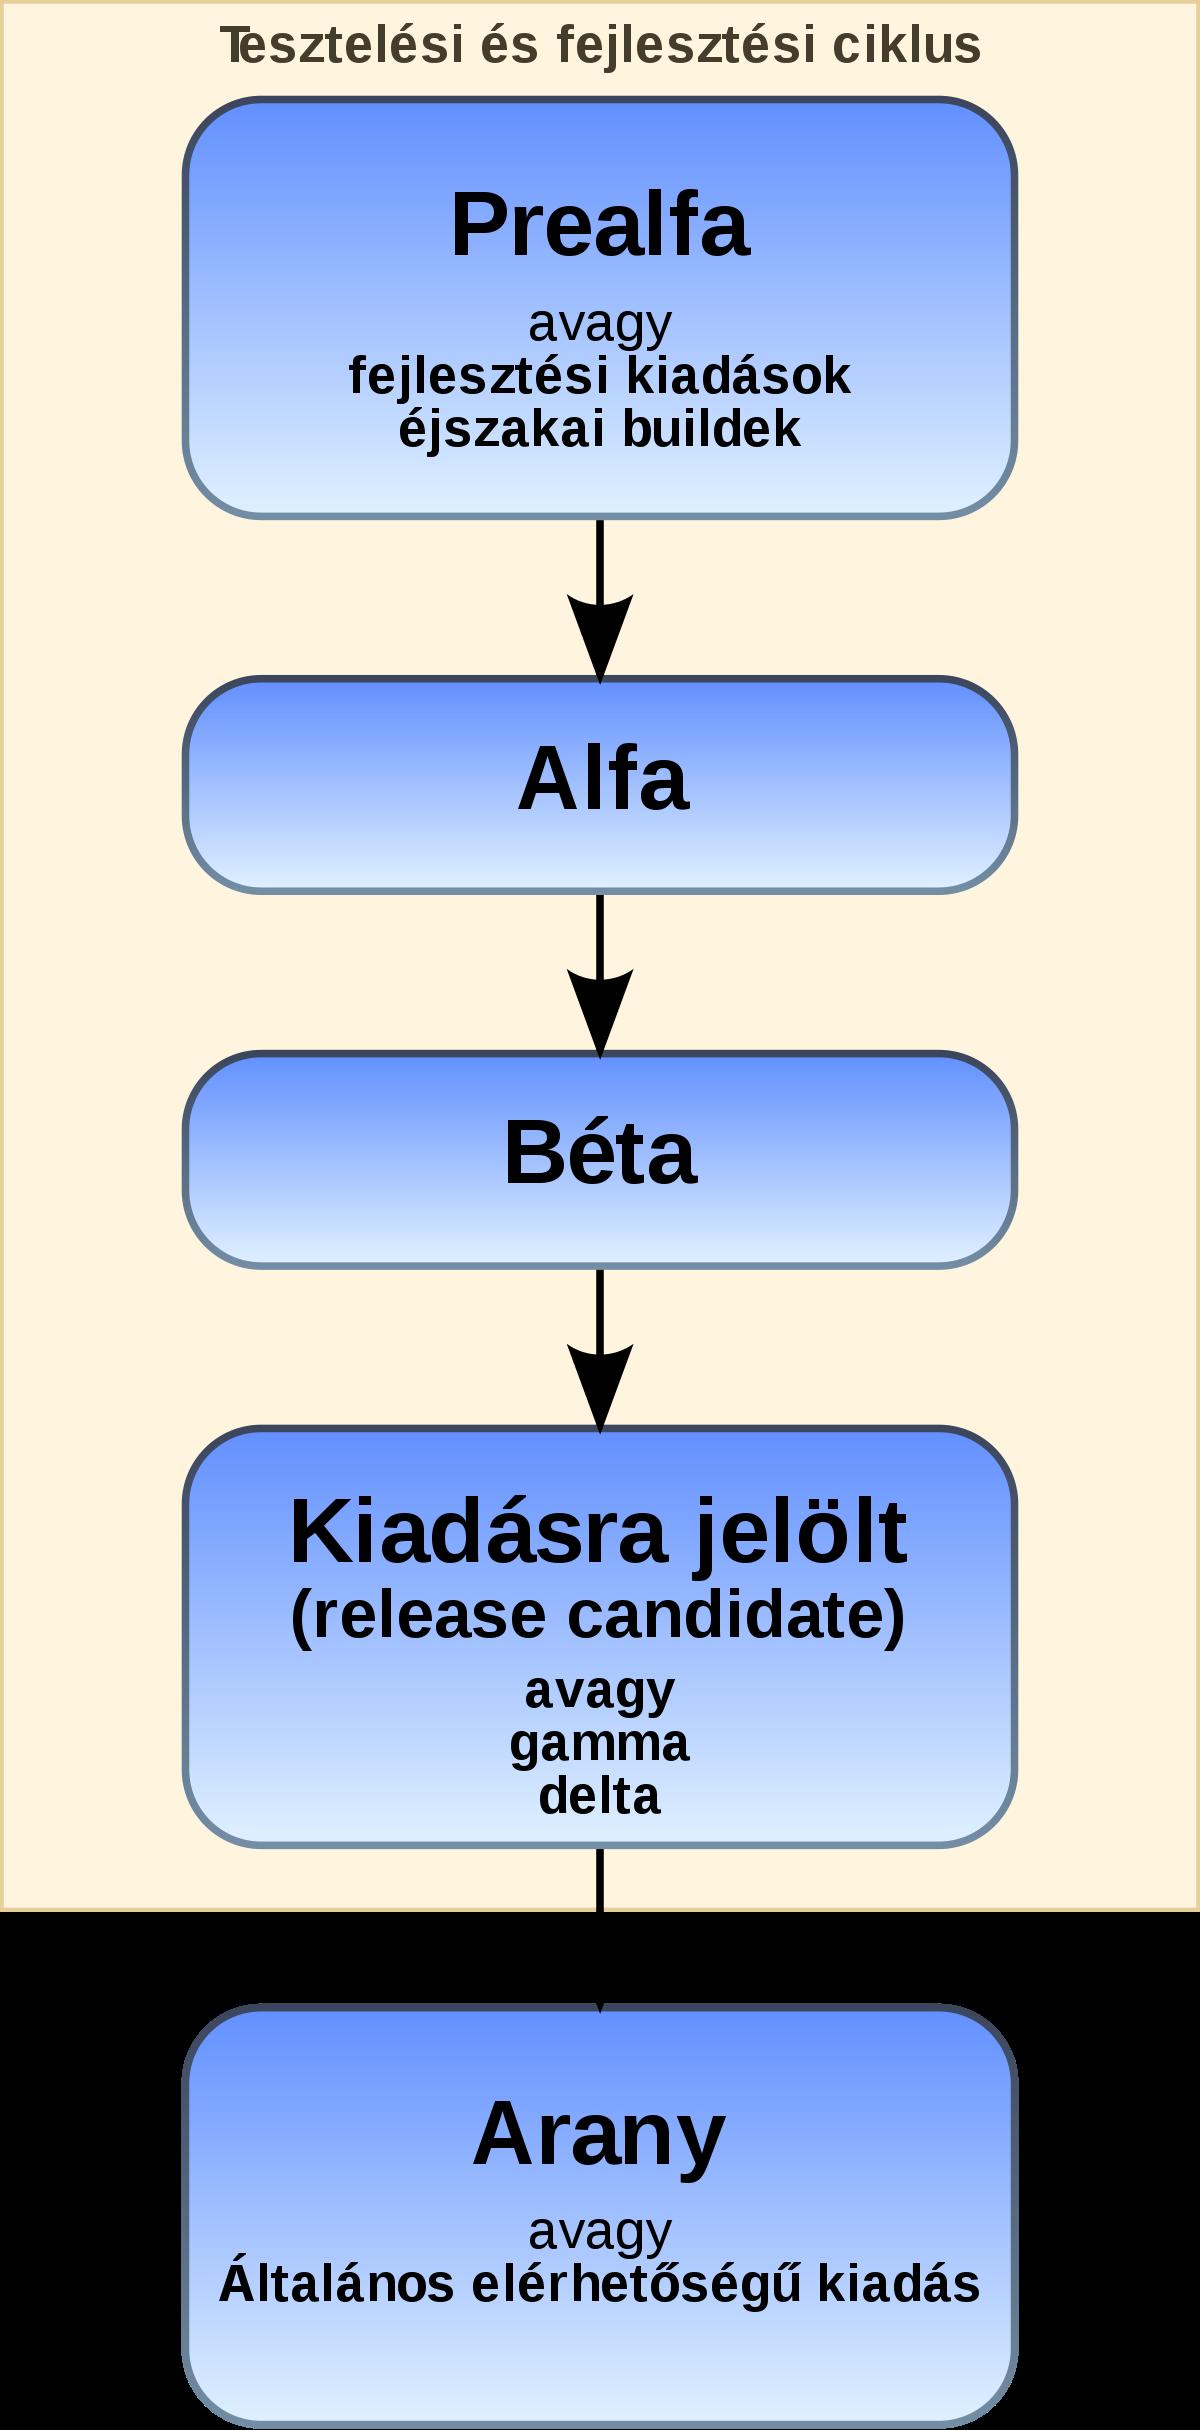 pinworm fejlesztési ciklus